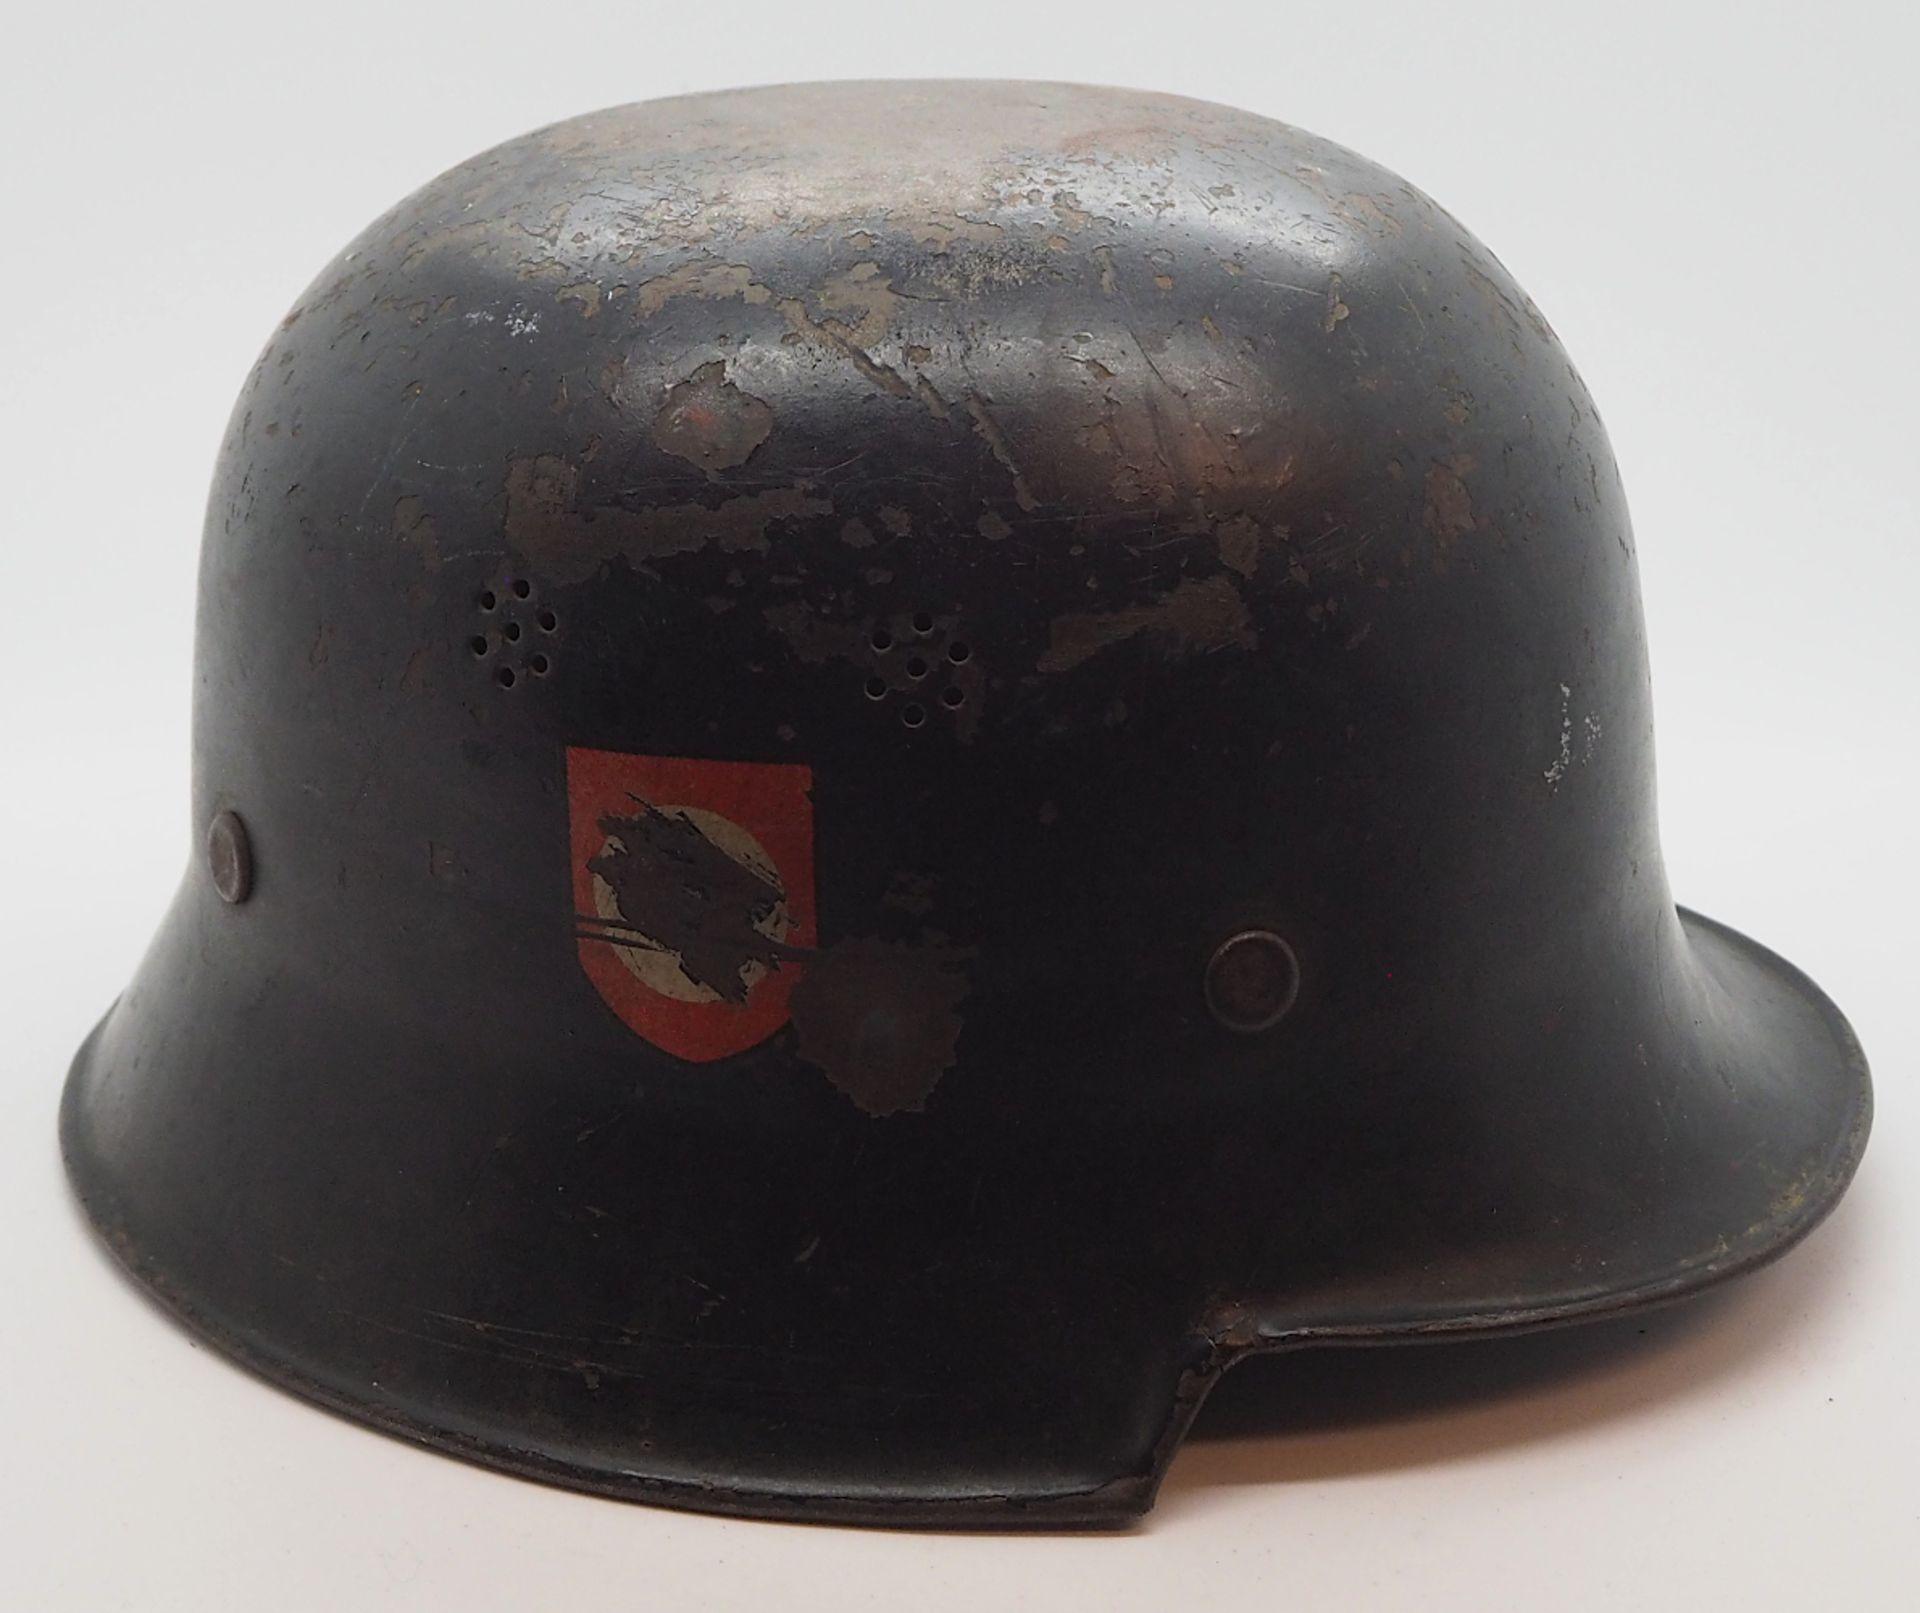 1 Konv. Militaria 3. Reich u.a., 1 Stahlhelm mit Lederinnenfutter, Wehrmacht, entnazifiziert - Bild 2 aus 8